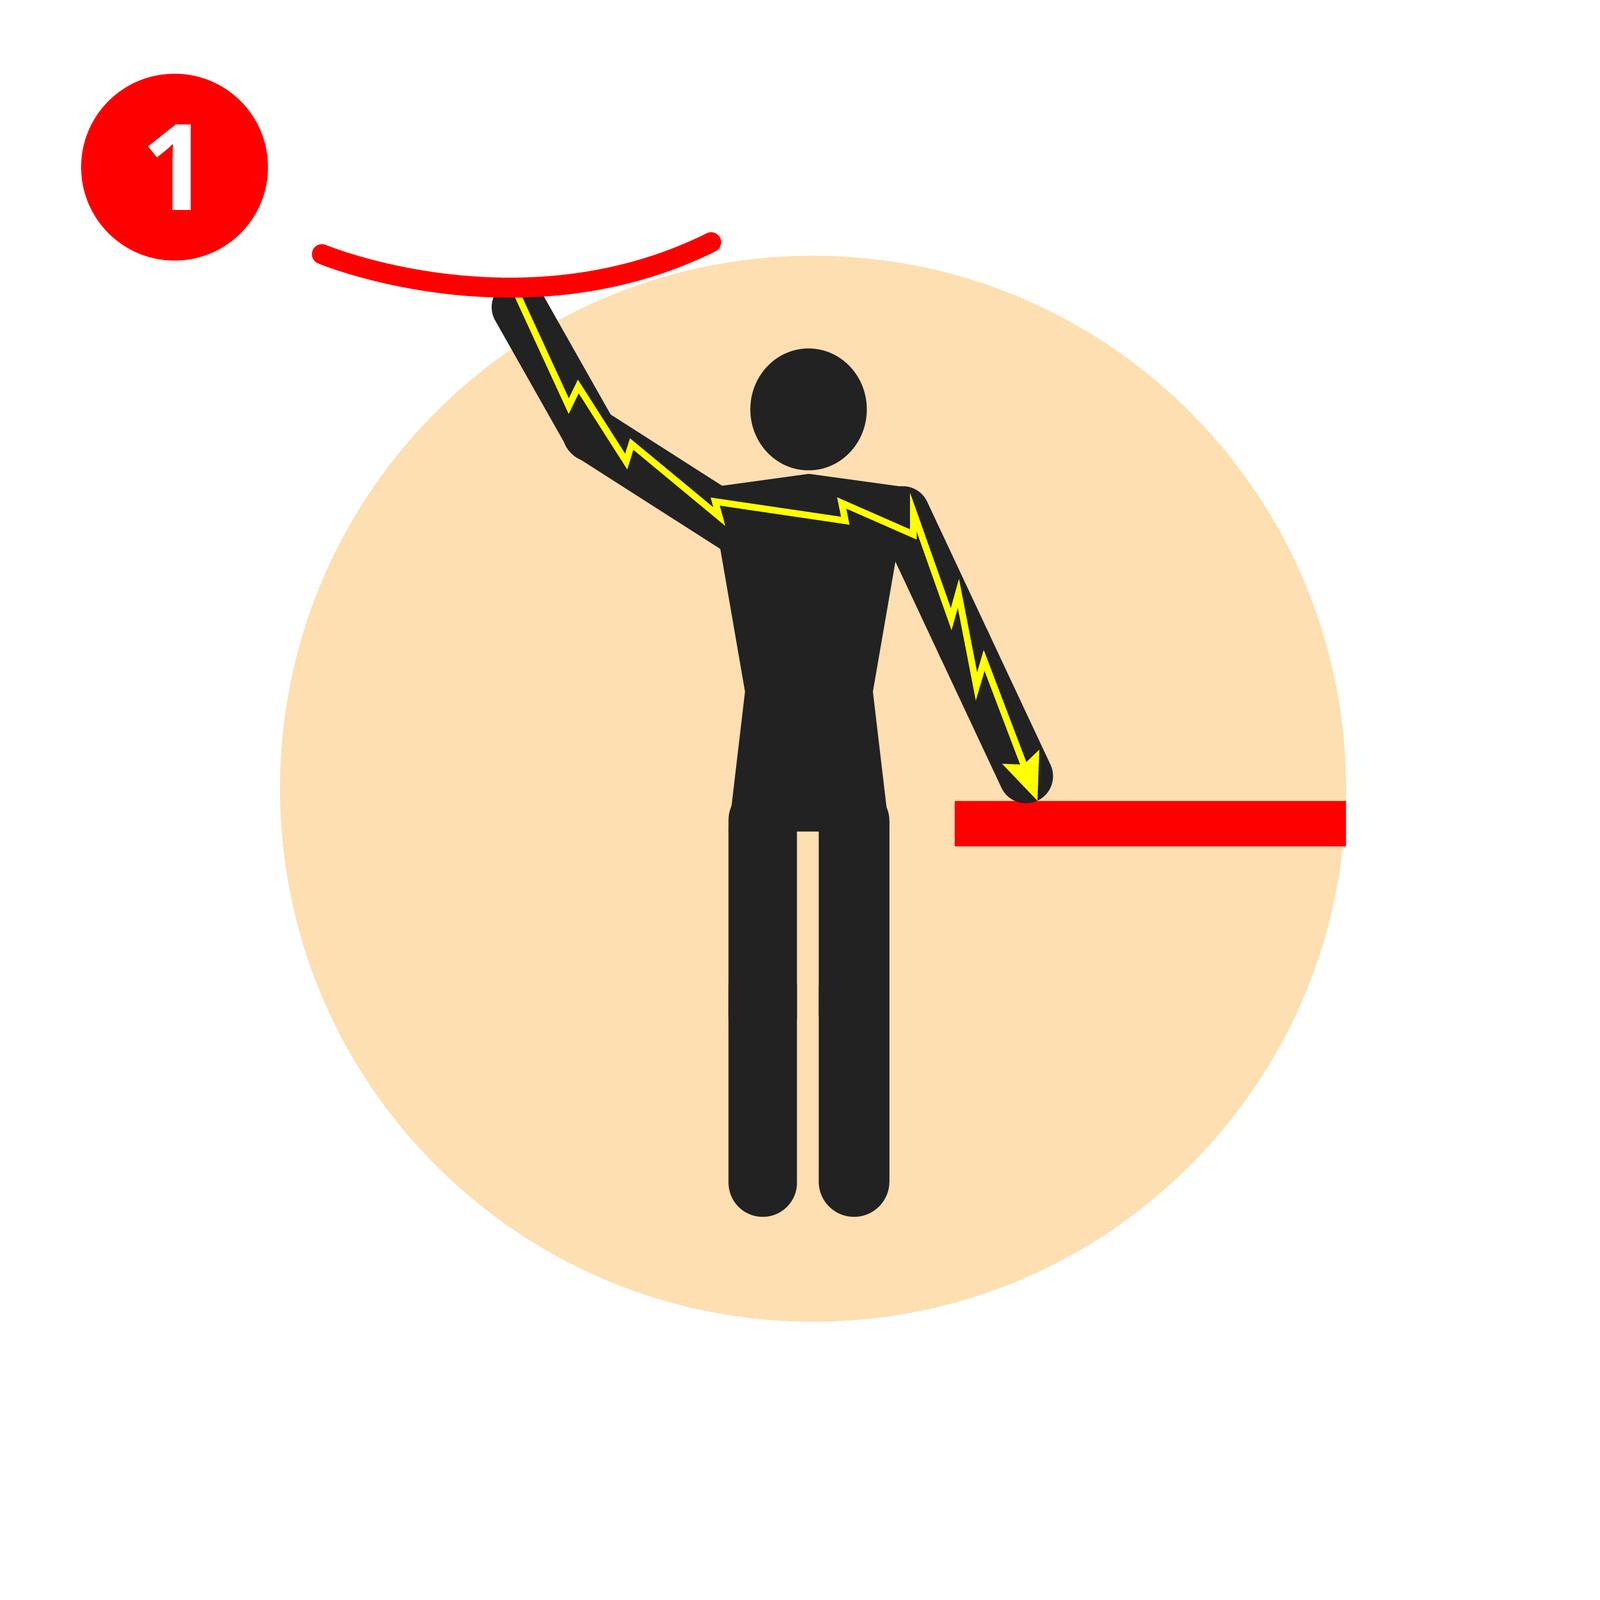 Galeria składa się z4 piktogramów. Na każdym przedstawiono czarną sylwetkę człowieka na bladoróżowym kole. Ilustracja 1 przedstawia postać opartą prawą ręką oprostokątny czerwony blat. Zkolei lewą ręką dotyka przewód elektryczny zawieszony wyżej. Przez ciało człowieka przepływa prąd. Wkierunku od lewej ręki przez klatkę piersiową do prawej dłoni. Łuk elektryczny ma kształt żółtej zygzakowatej strzałki zakończonej grotem.